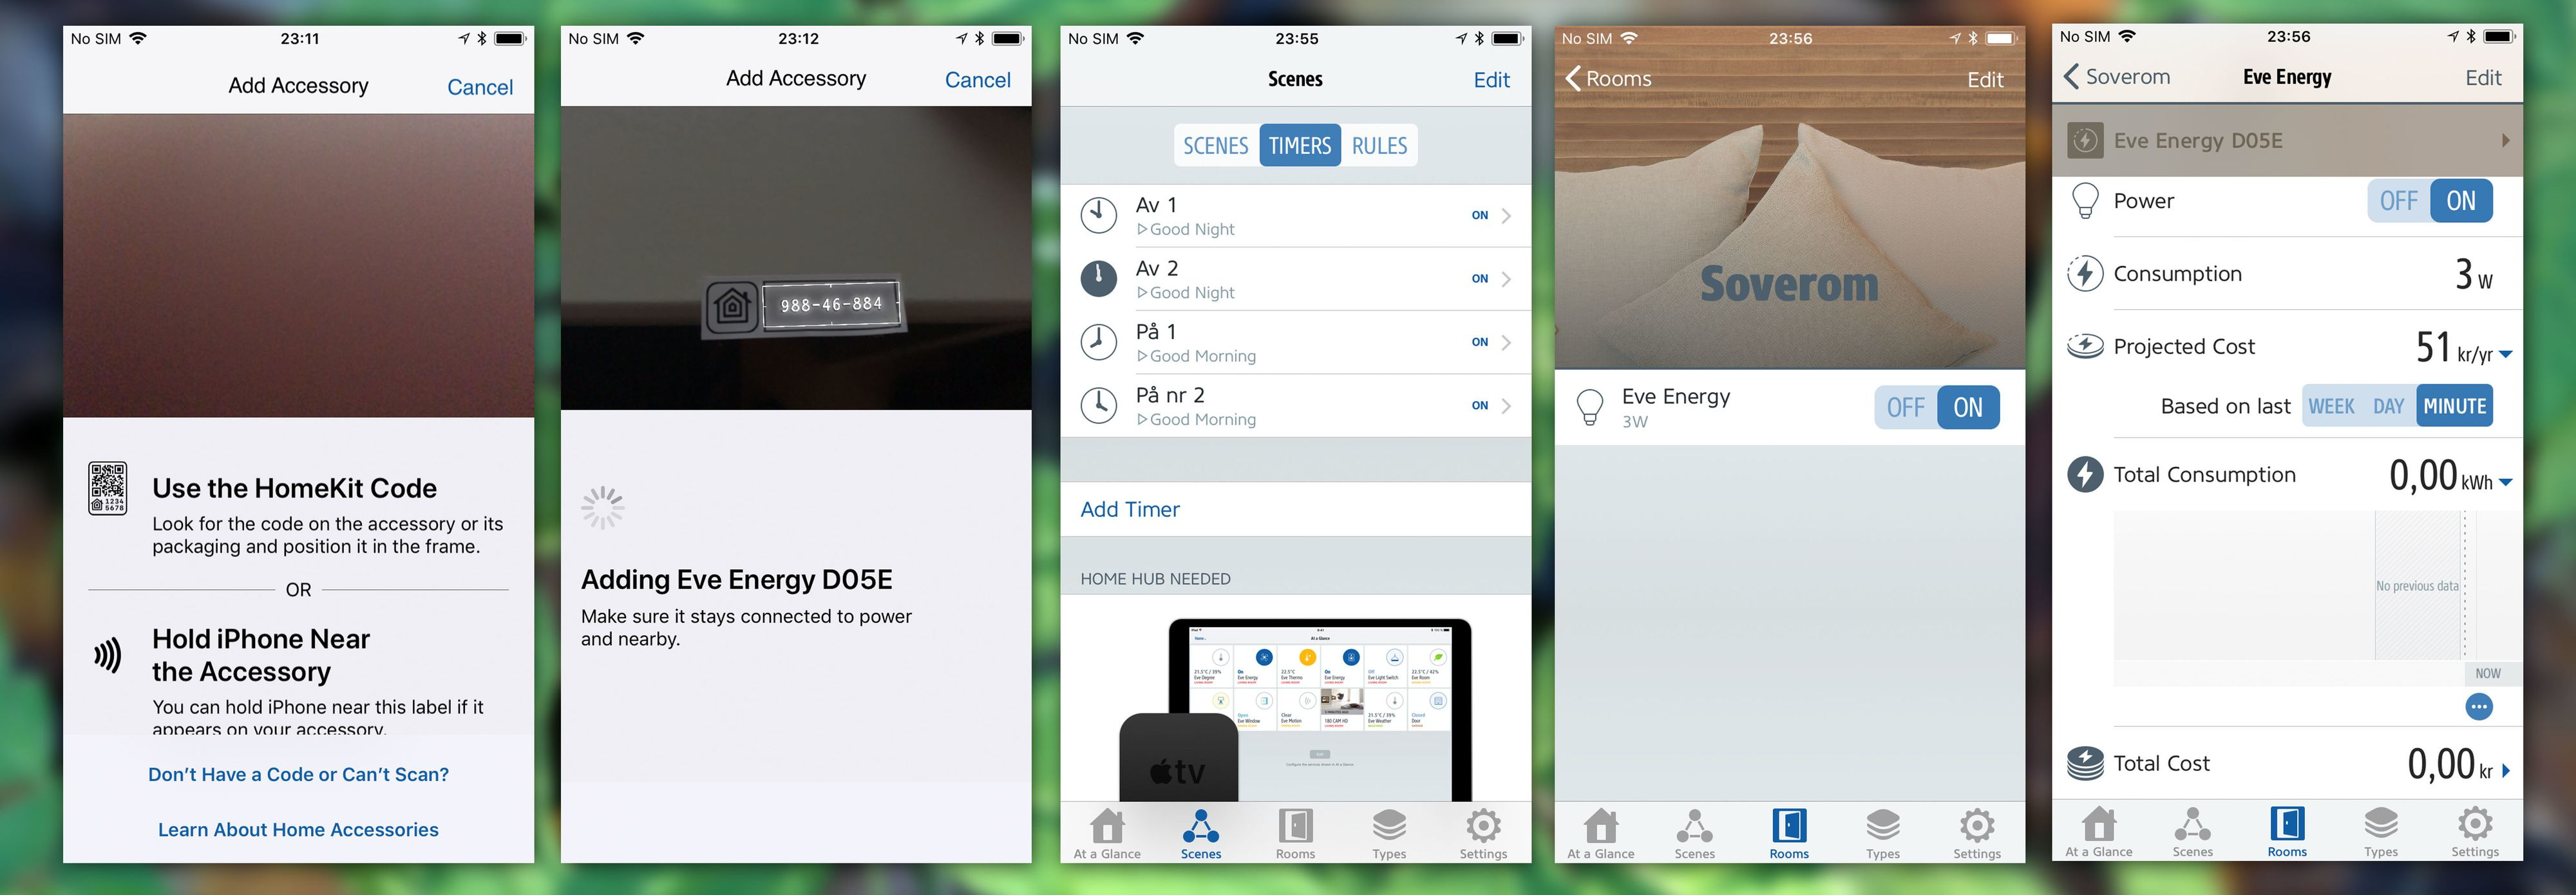 Eve Energy har en litt alternativ og kronglete måte å sette opp strømstyringen på, men når du først har det oppe og går fungerer det bra. Bare synd appen kun finnes til iOS...